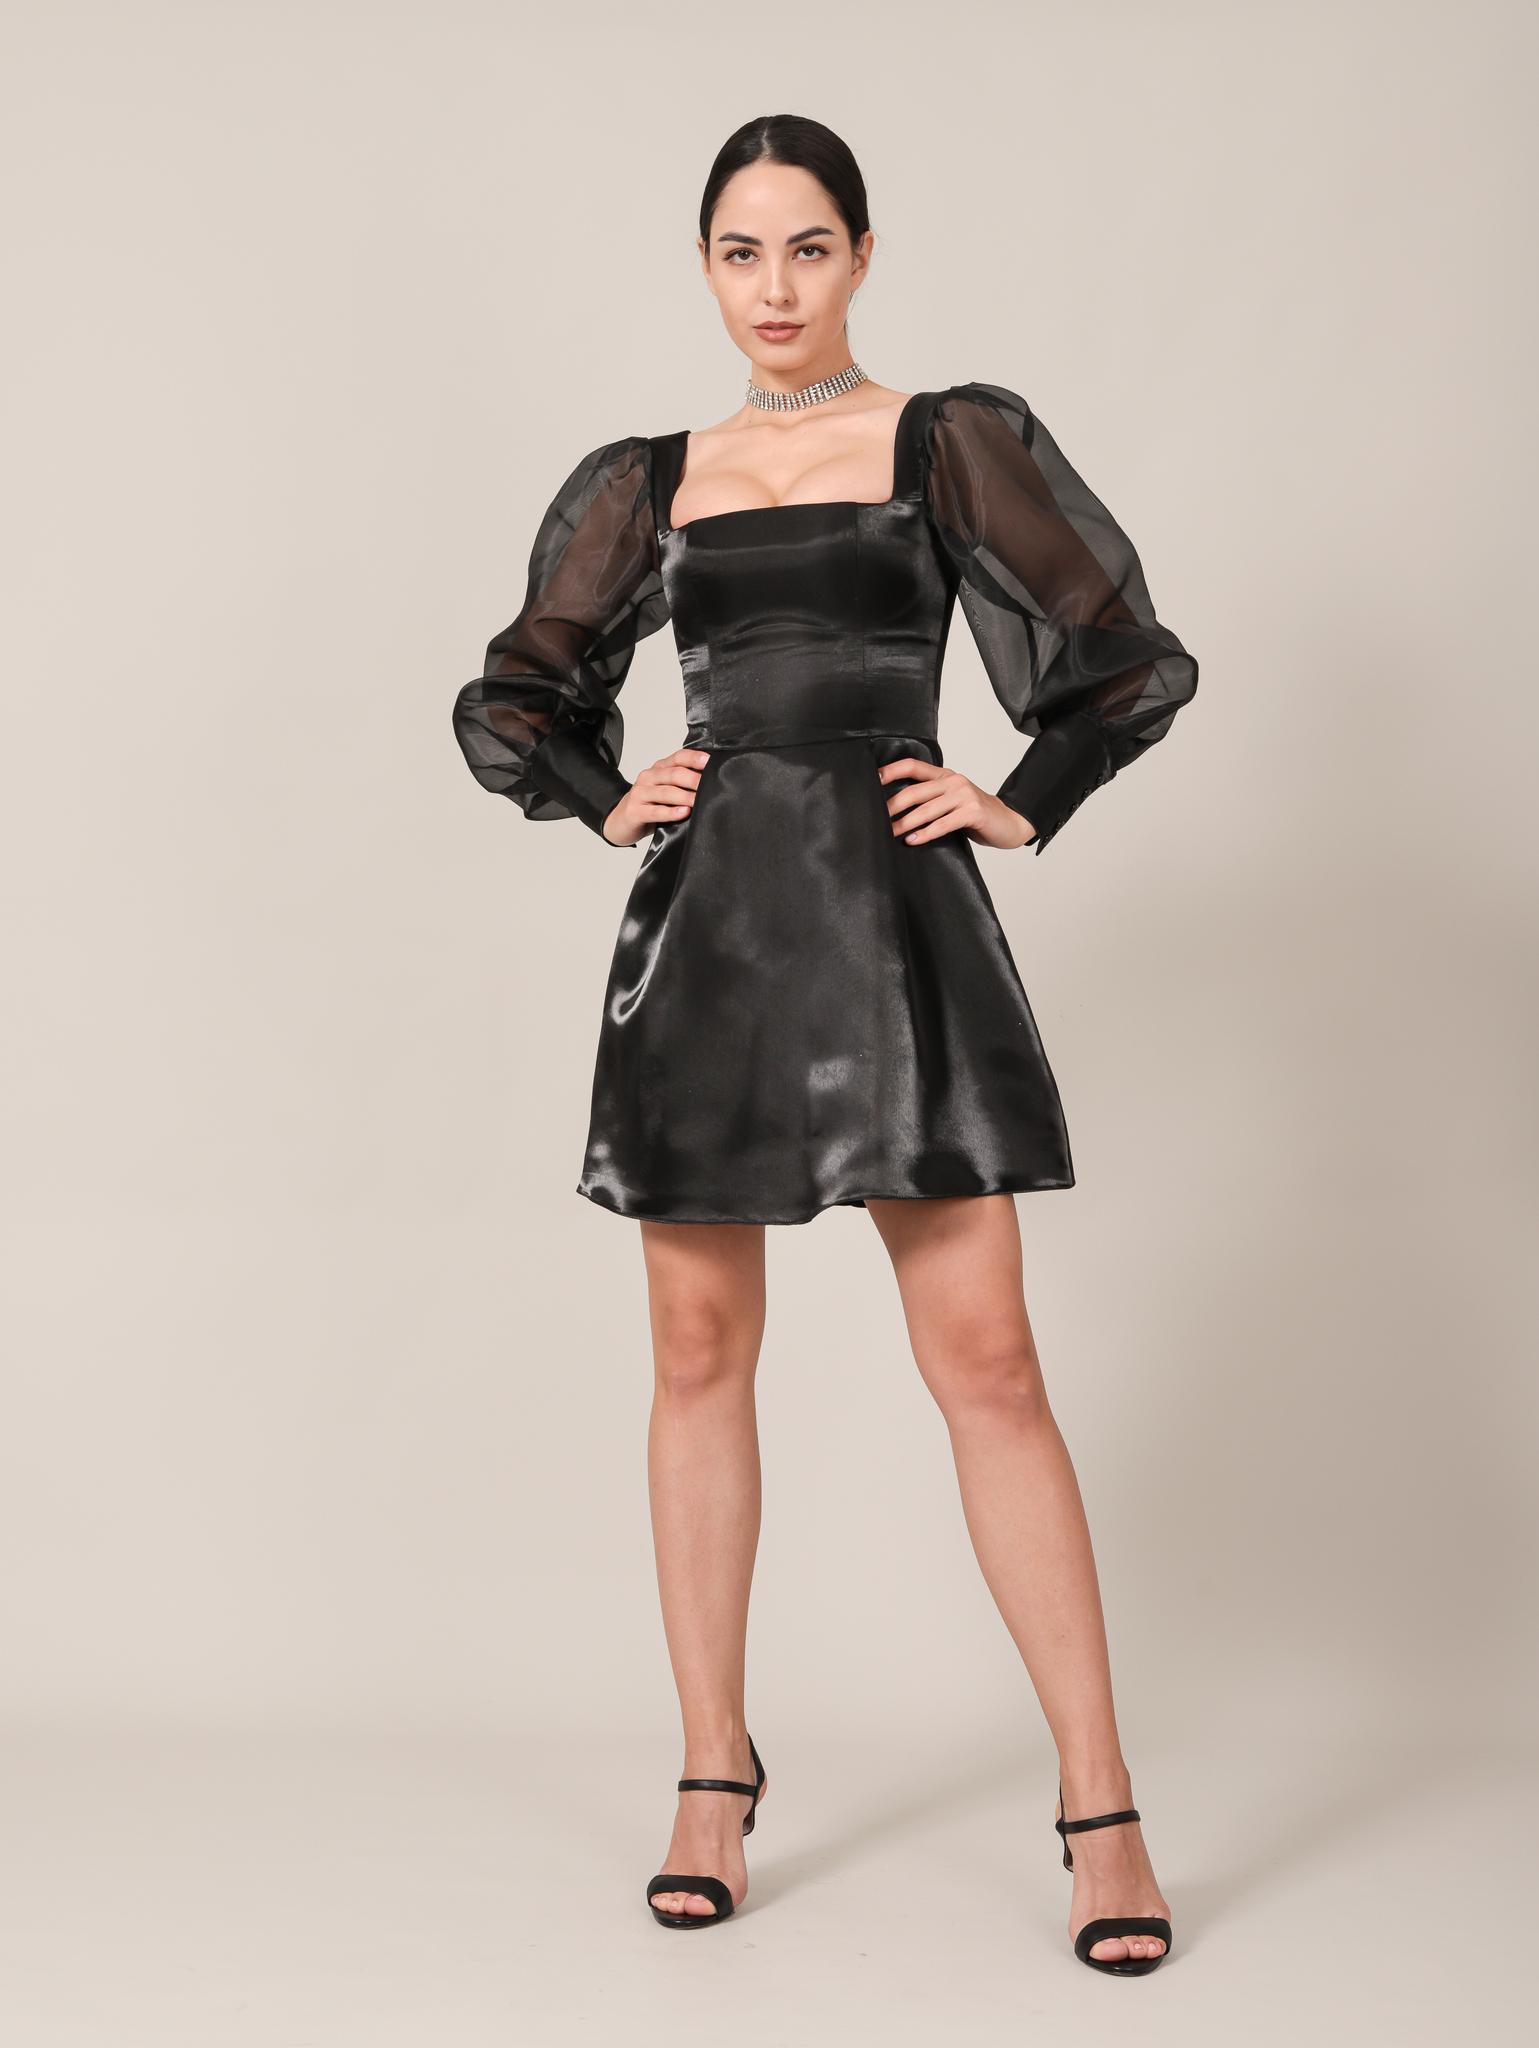 Вечернее платье / Нарядное платье из блестящей ткани с квадратным вырезом и длинными рукавами из фатина мини (черный)